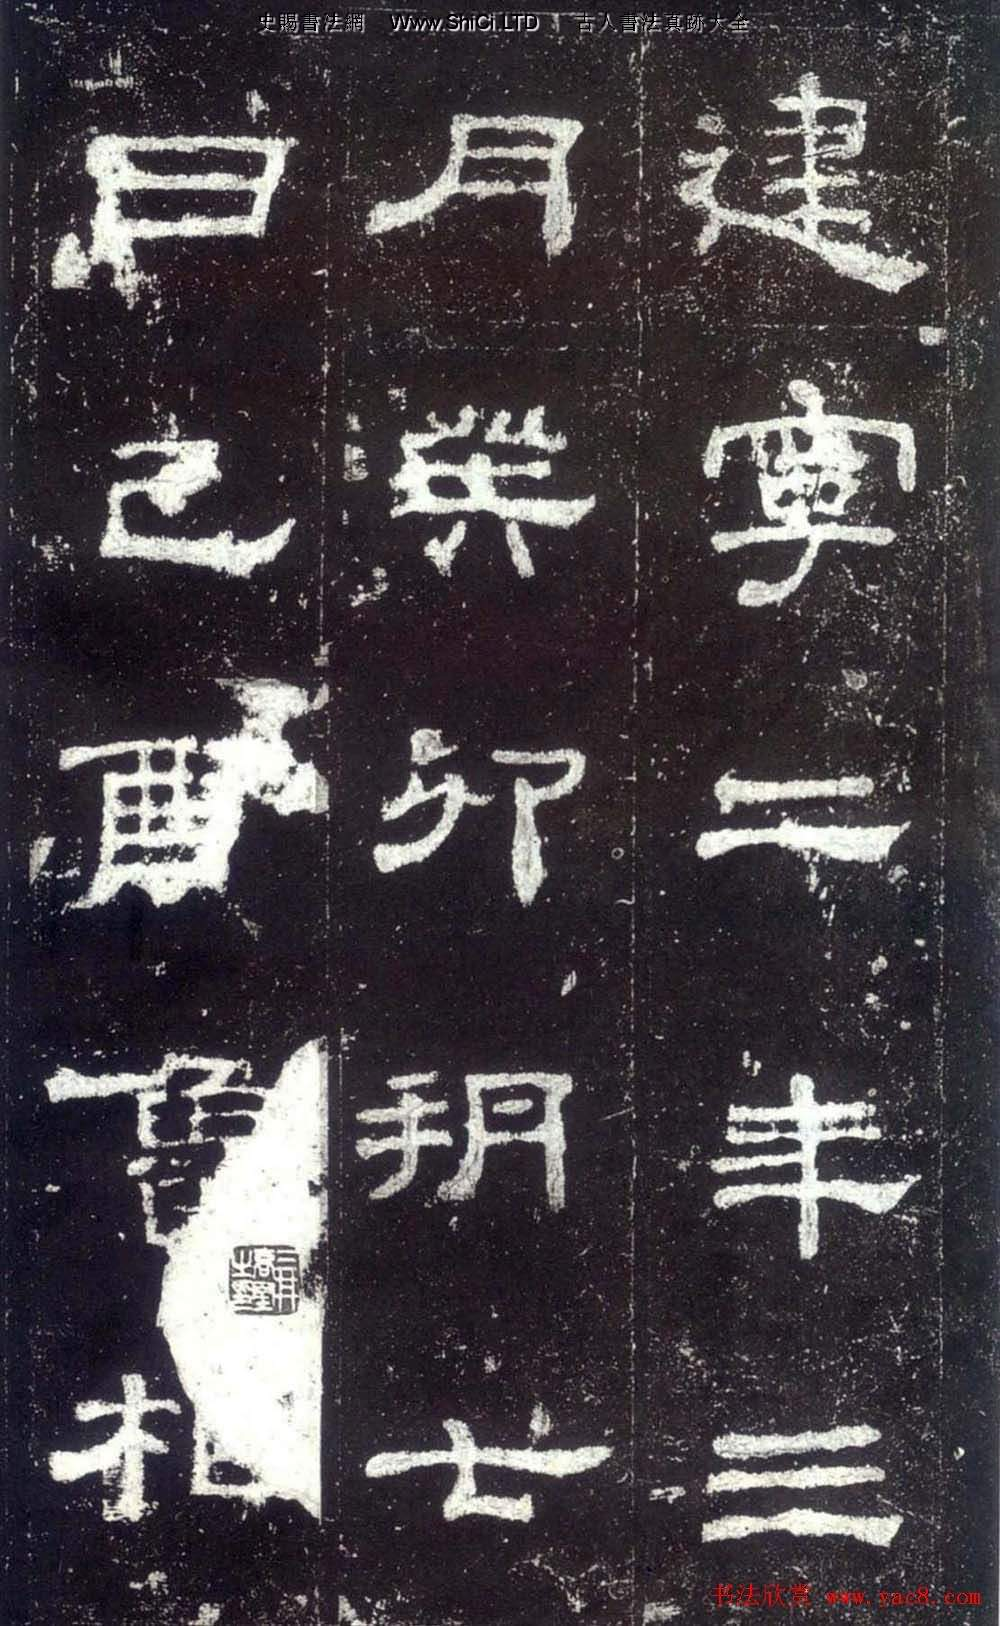 漢隸傑作《史晨碑》隸書入門範本(共67張圖片)